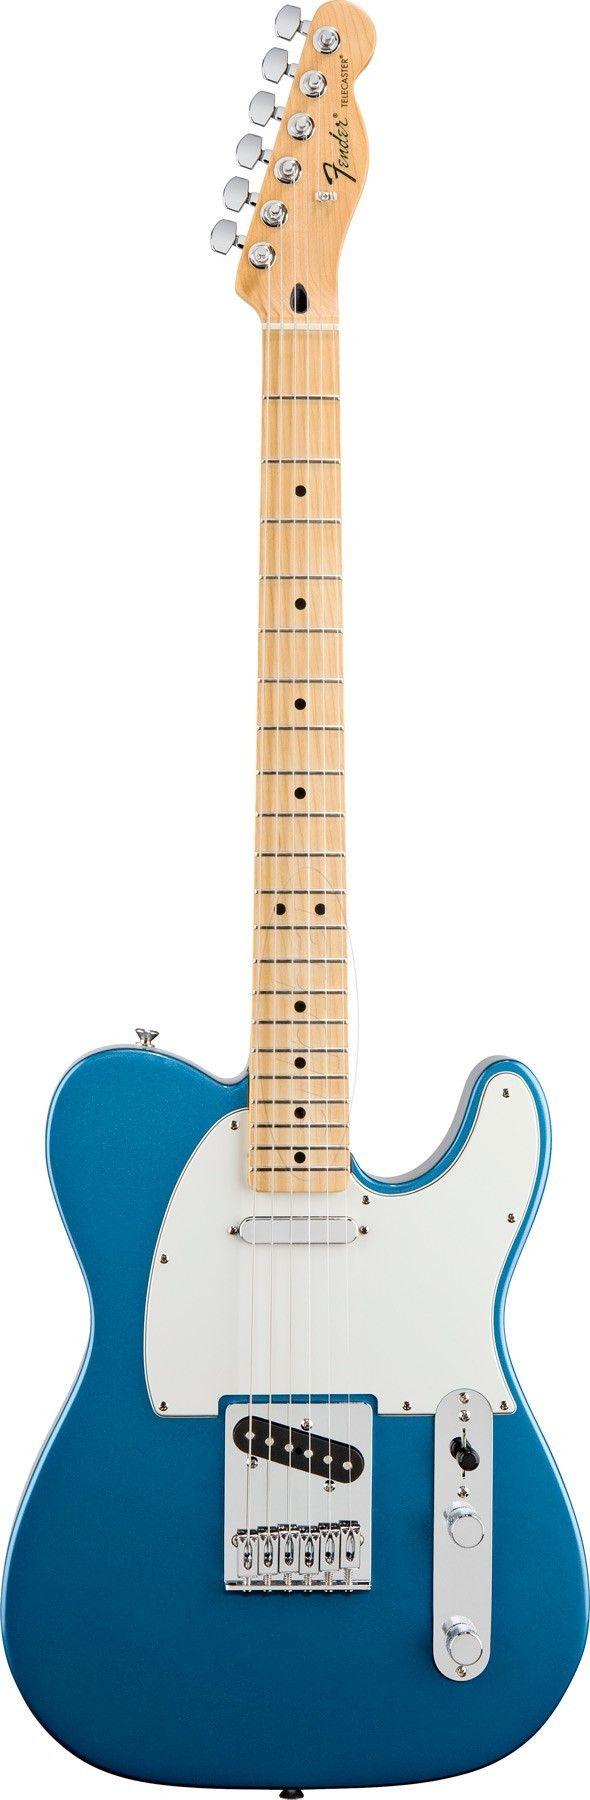 Fender Standard Telecaster Lake Placid Blue, Maple Neck